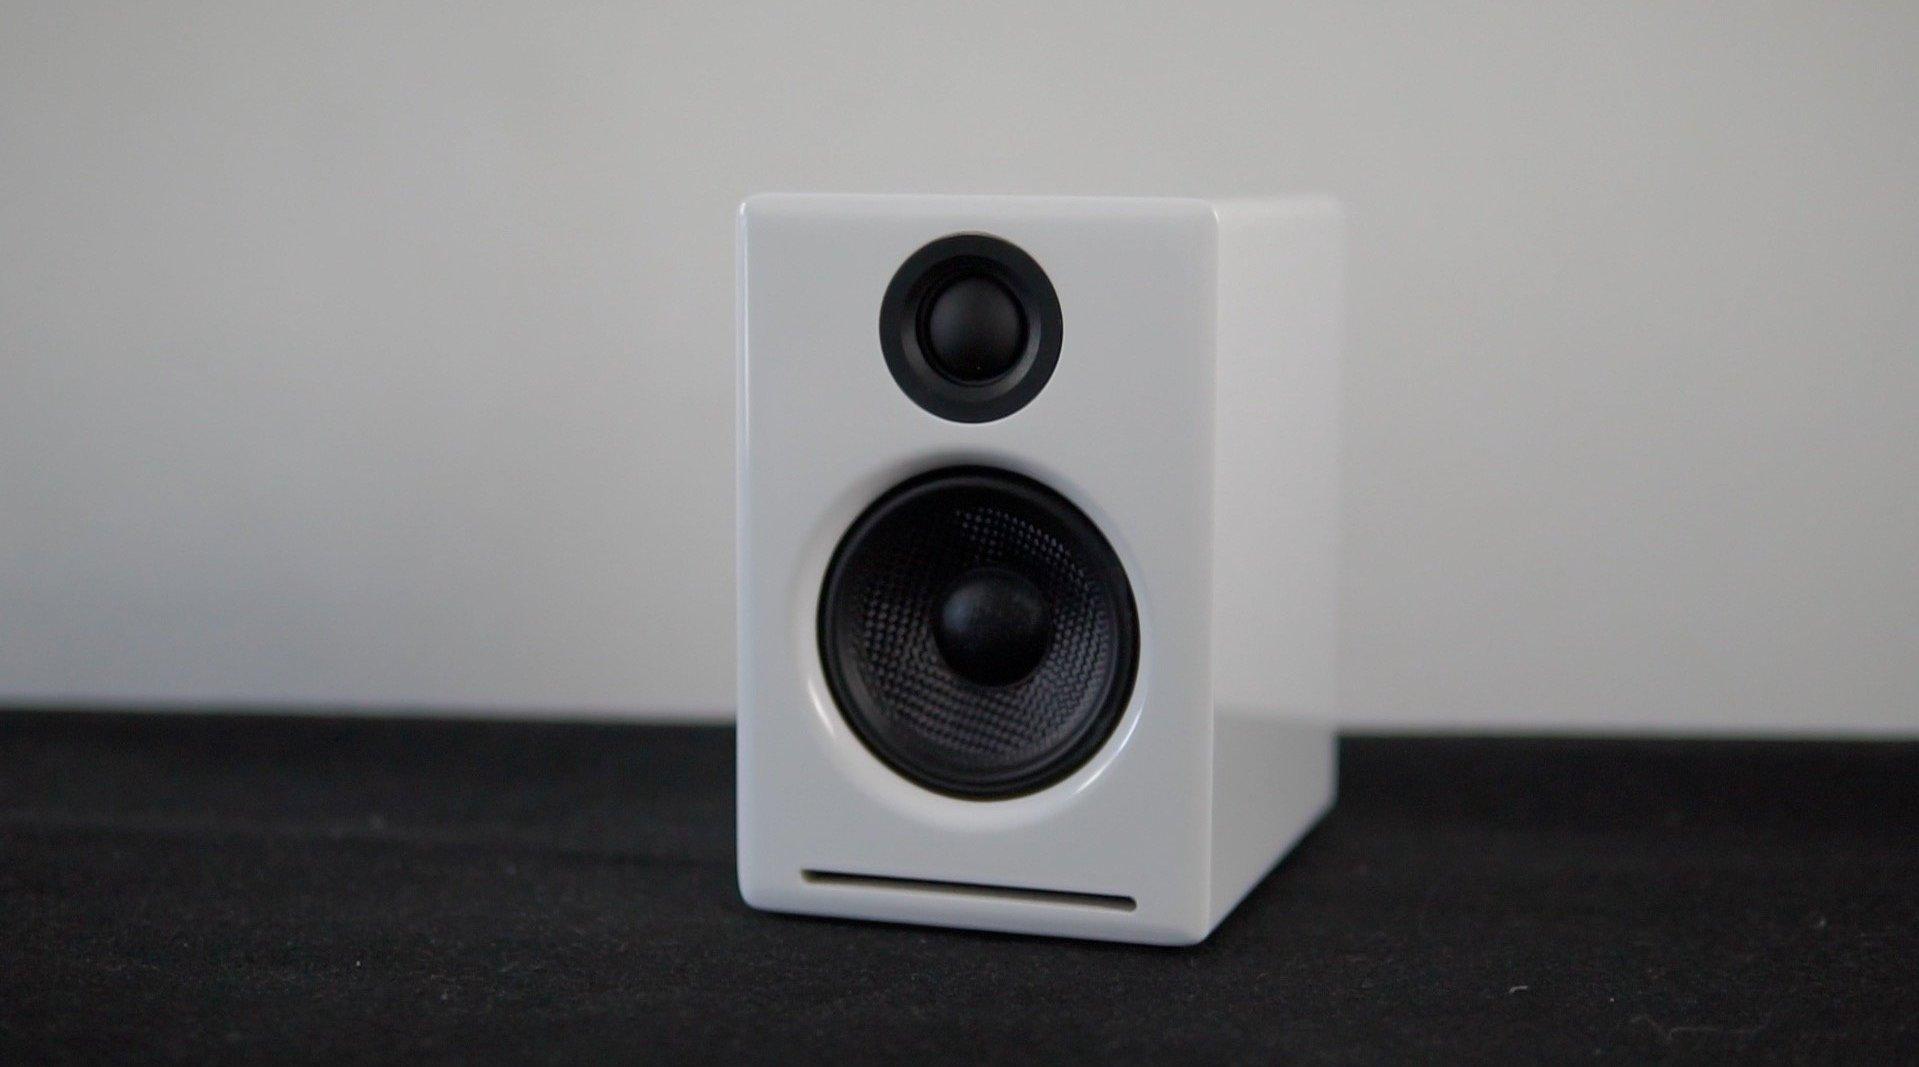 声擎A2+ Wireless体验:好声音和无线更配